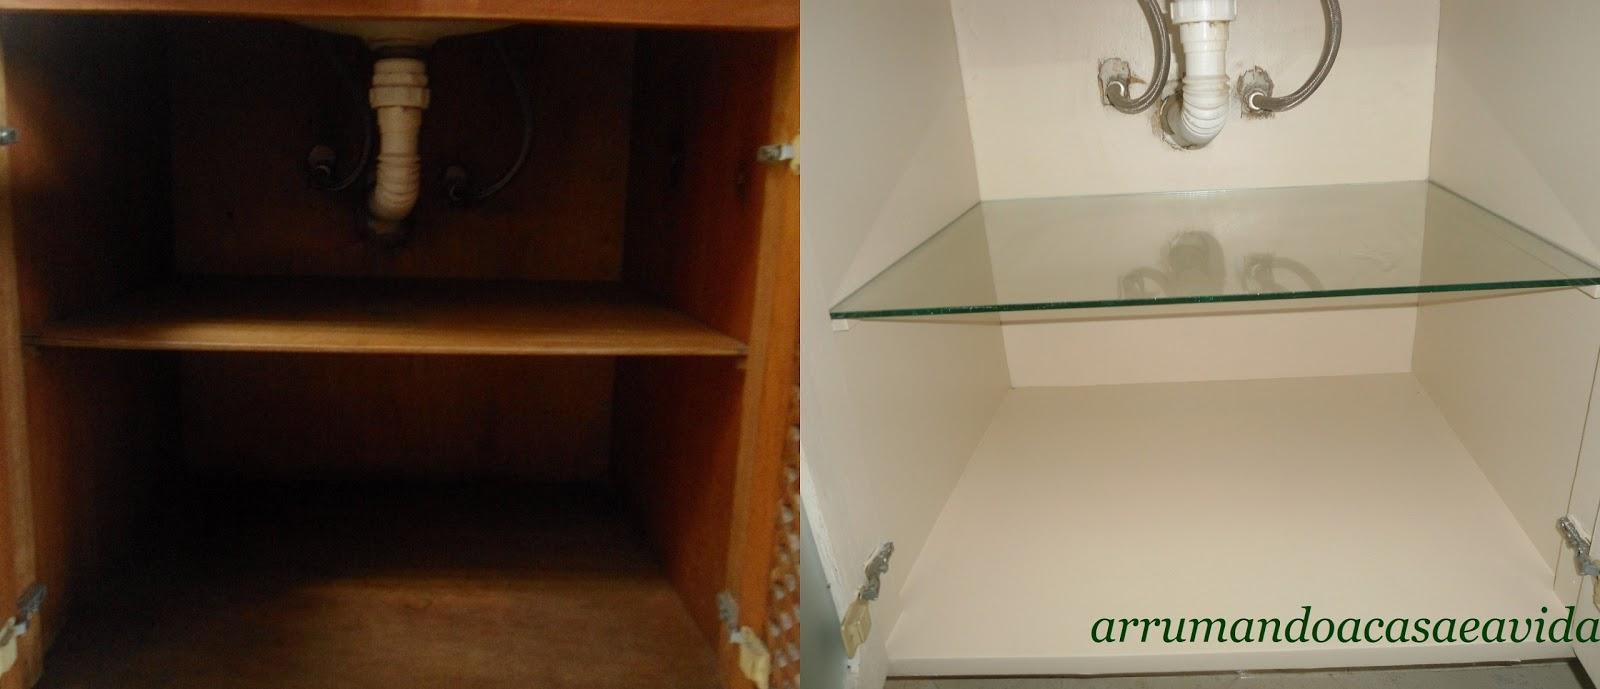 Cláudia Pinto Antes e Depois  Reformando o armário do banheiro#CurtiCompar -> Como Reformar Armario De Banheiro De Mdf